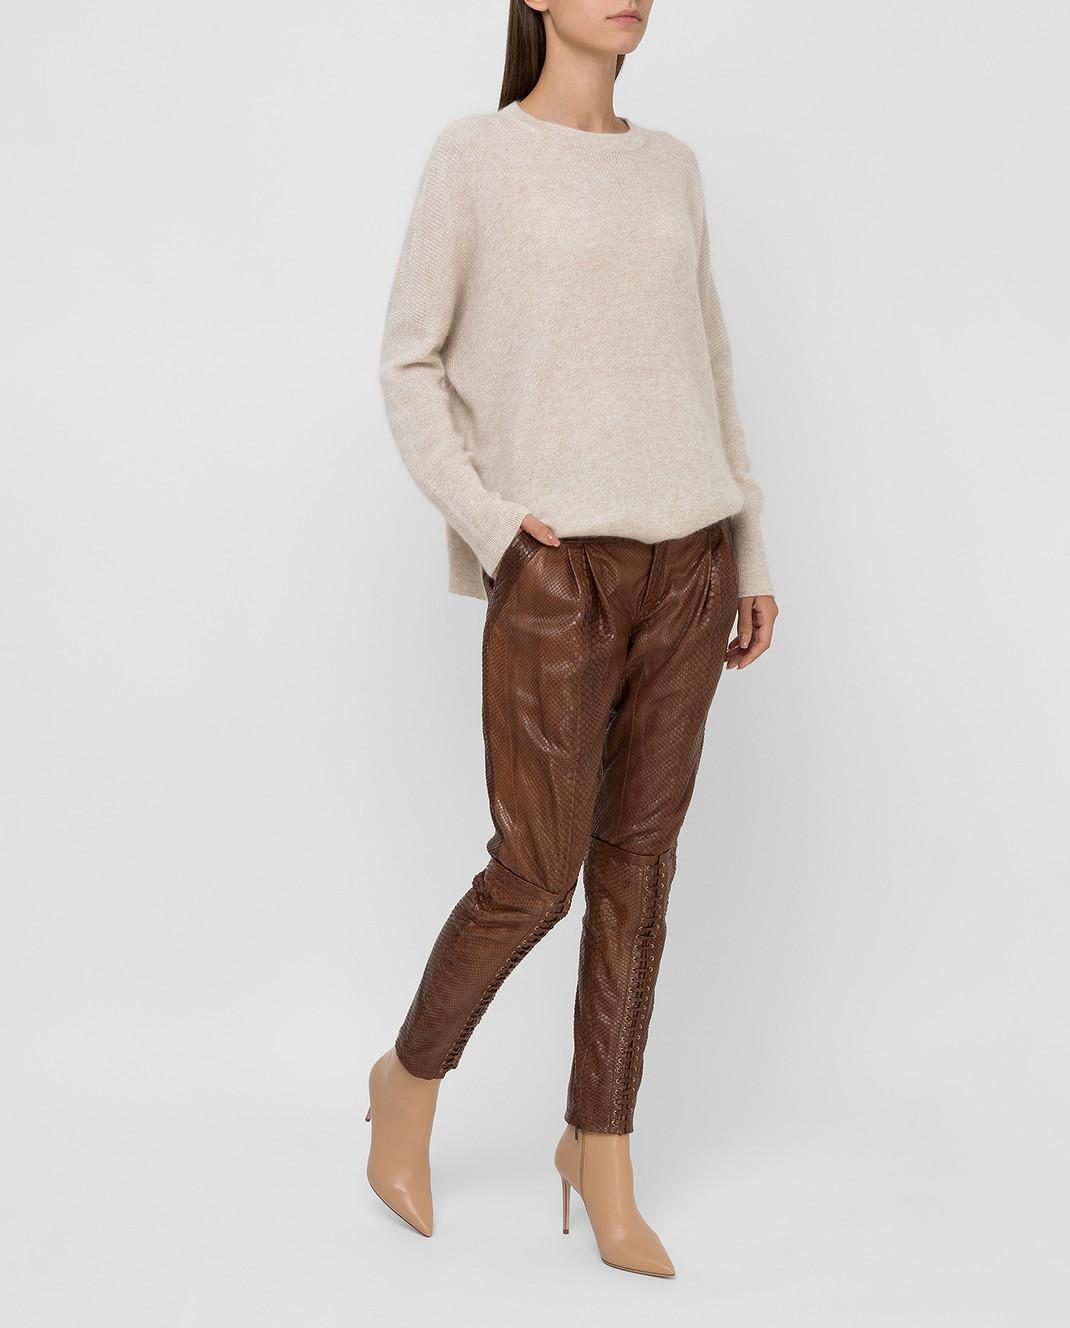 Gucci Коричневые брюки из кожи питона 264366 изображение 2